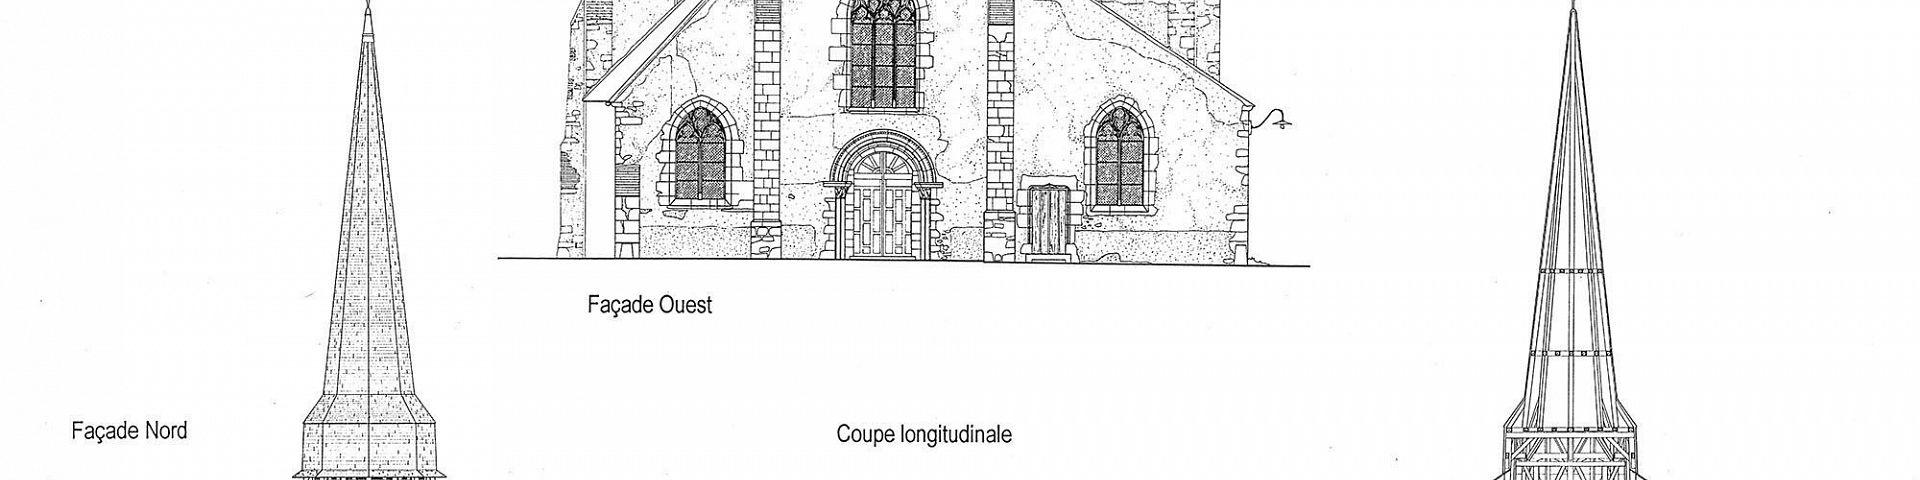 La Ferté-Loupière Eglise (89)